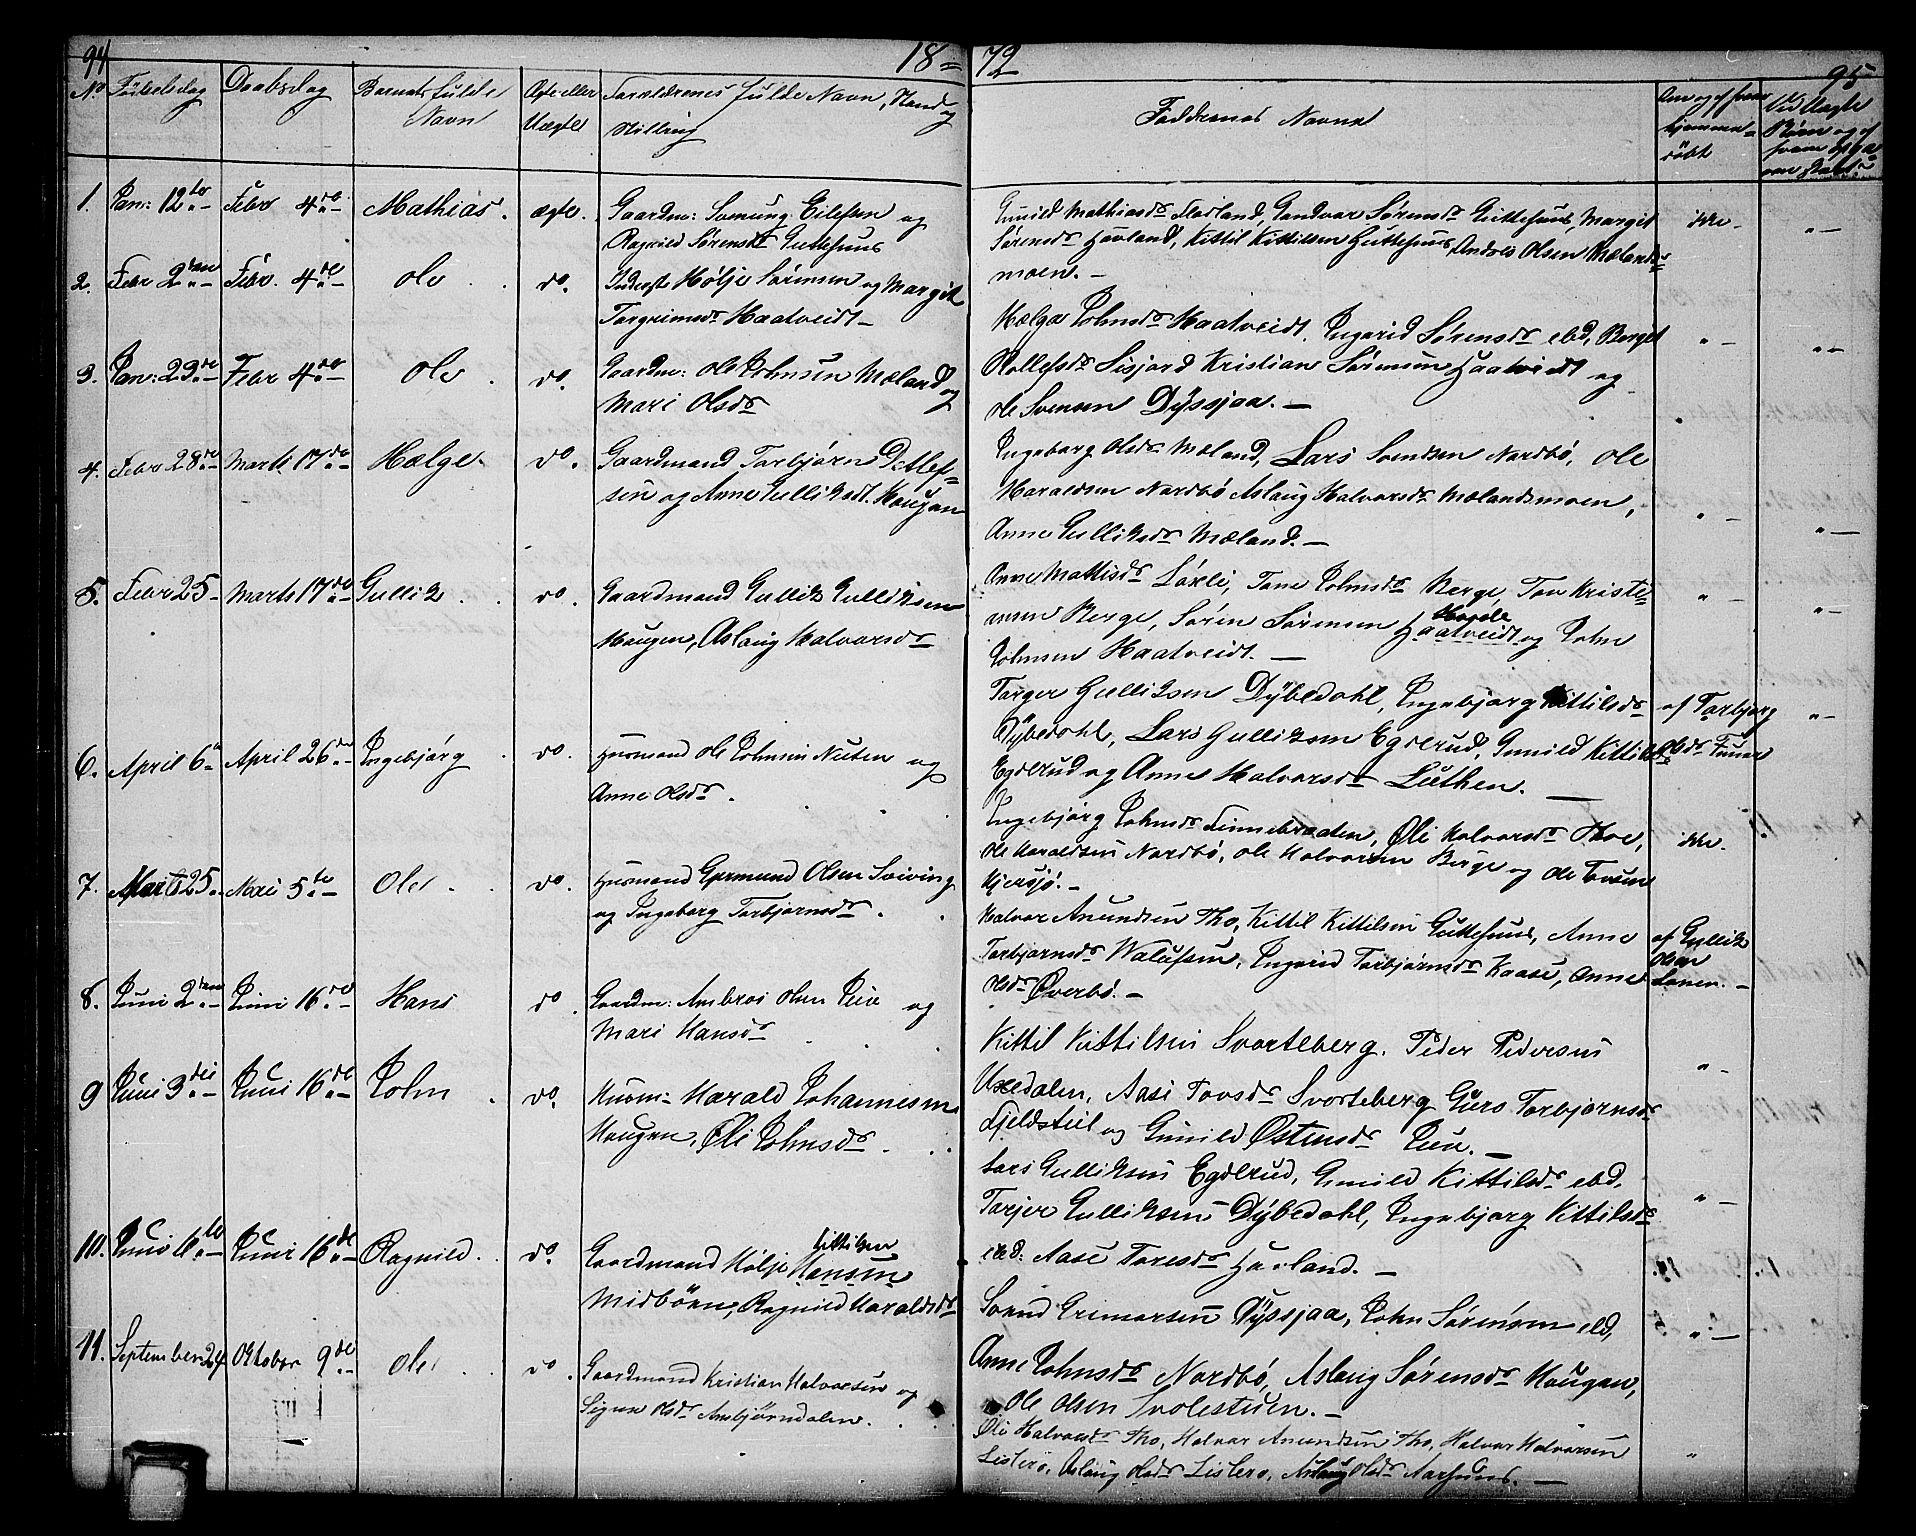 SAKO, Hjartdal kirkebøker, G/Ga/L0002: Klokkerbok nr. I 2, 1854-1888, s. 94-95